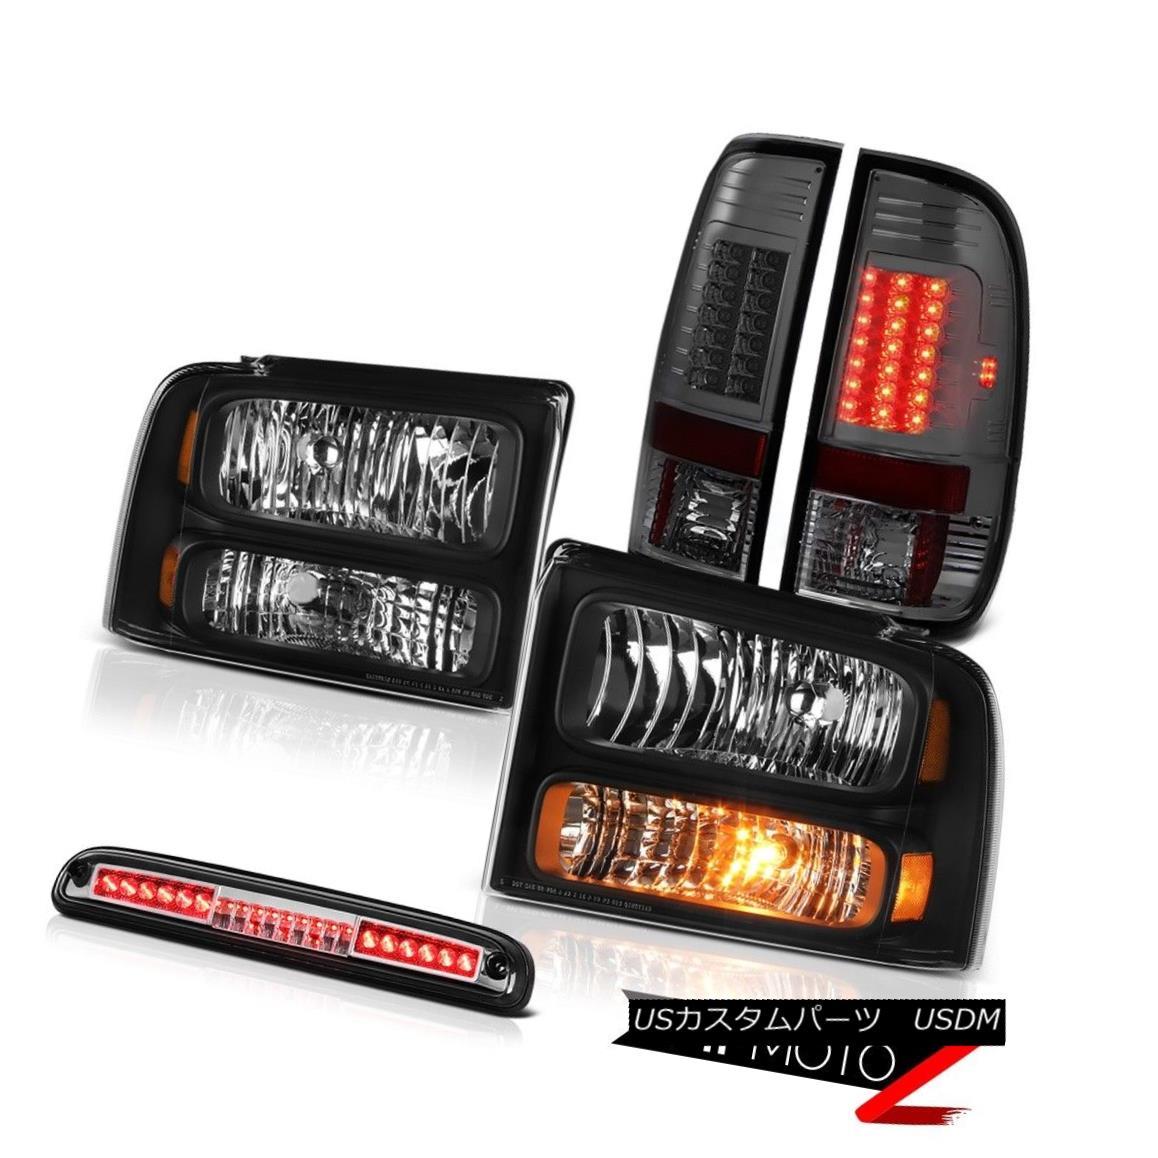 テールライト 05-07 F350 6.8L Black Headlights L.E.D Tail Lights Smoke Chrome Third Brake LED 05-07 F350 6.8LブラックヘッドライトL.E.Dテールライトスモーククロム第3ブレーキLED